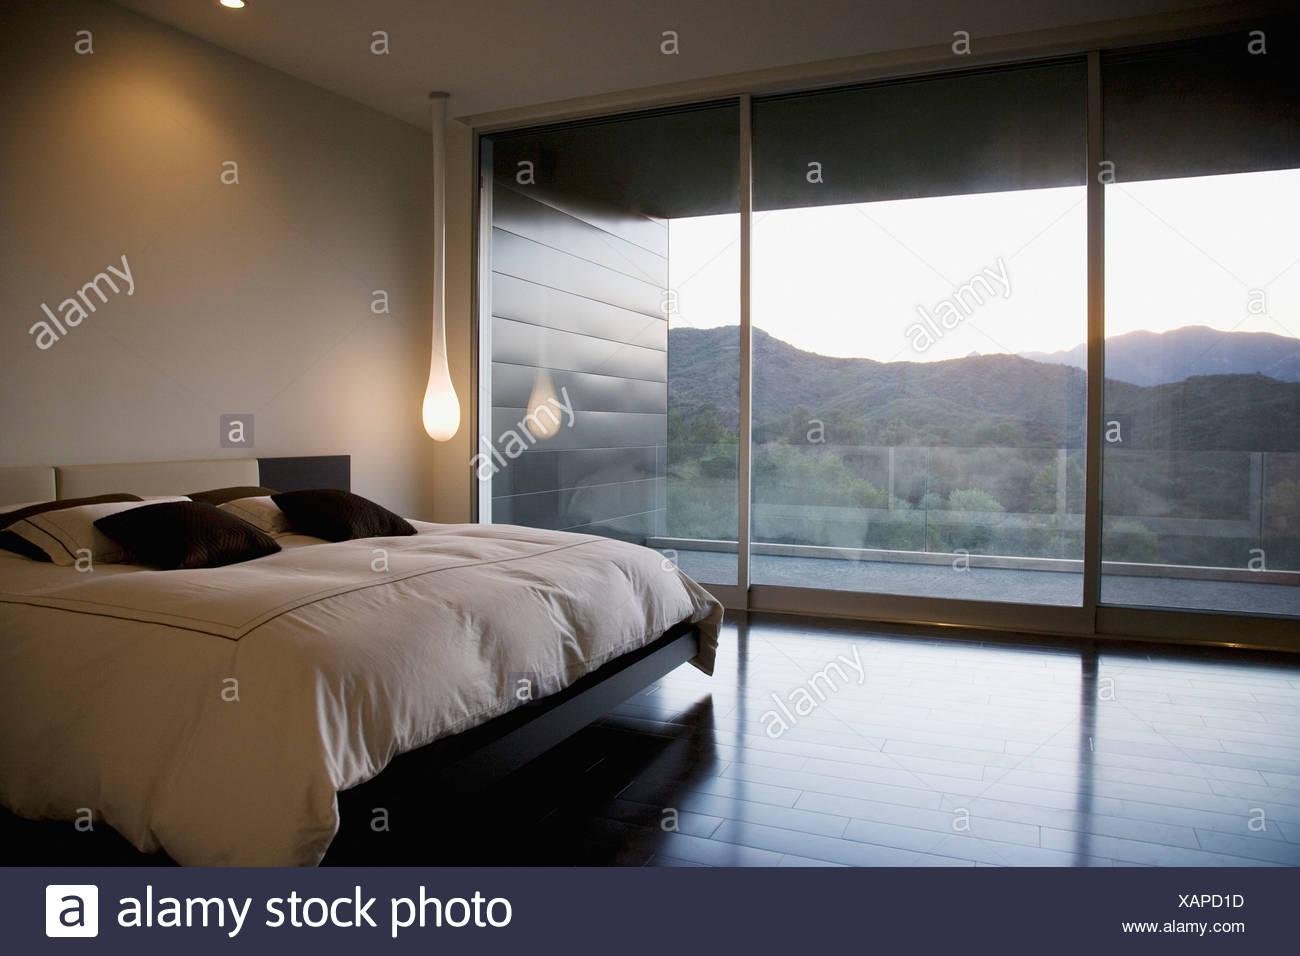 Camere da letto moderne e con pareti di vetro foto immagine stock 282005625 alamy - Foto camere da letto moderne ...